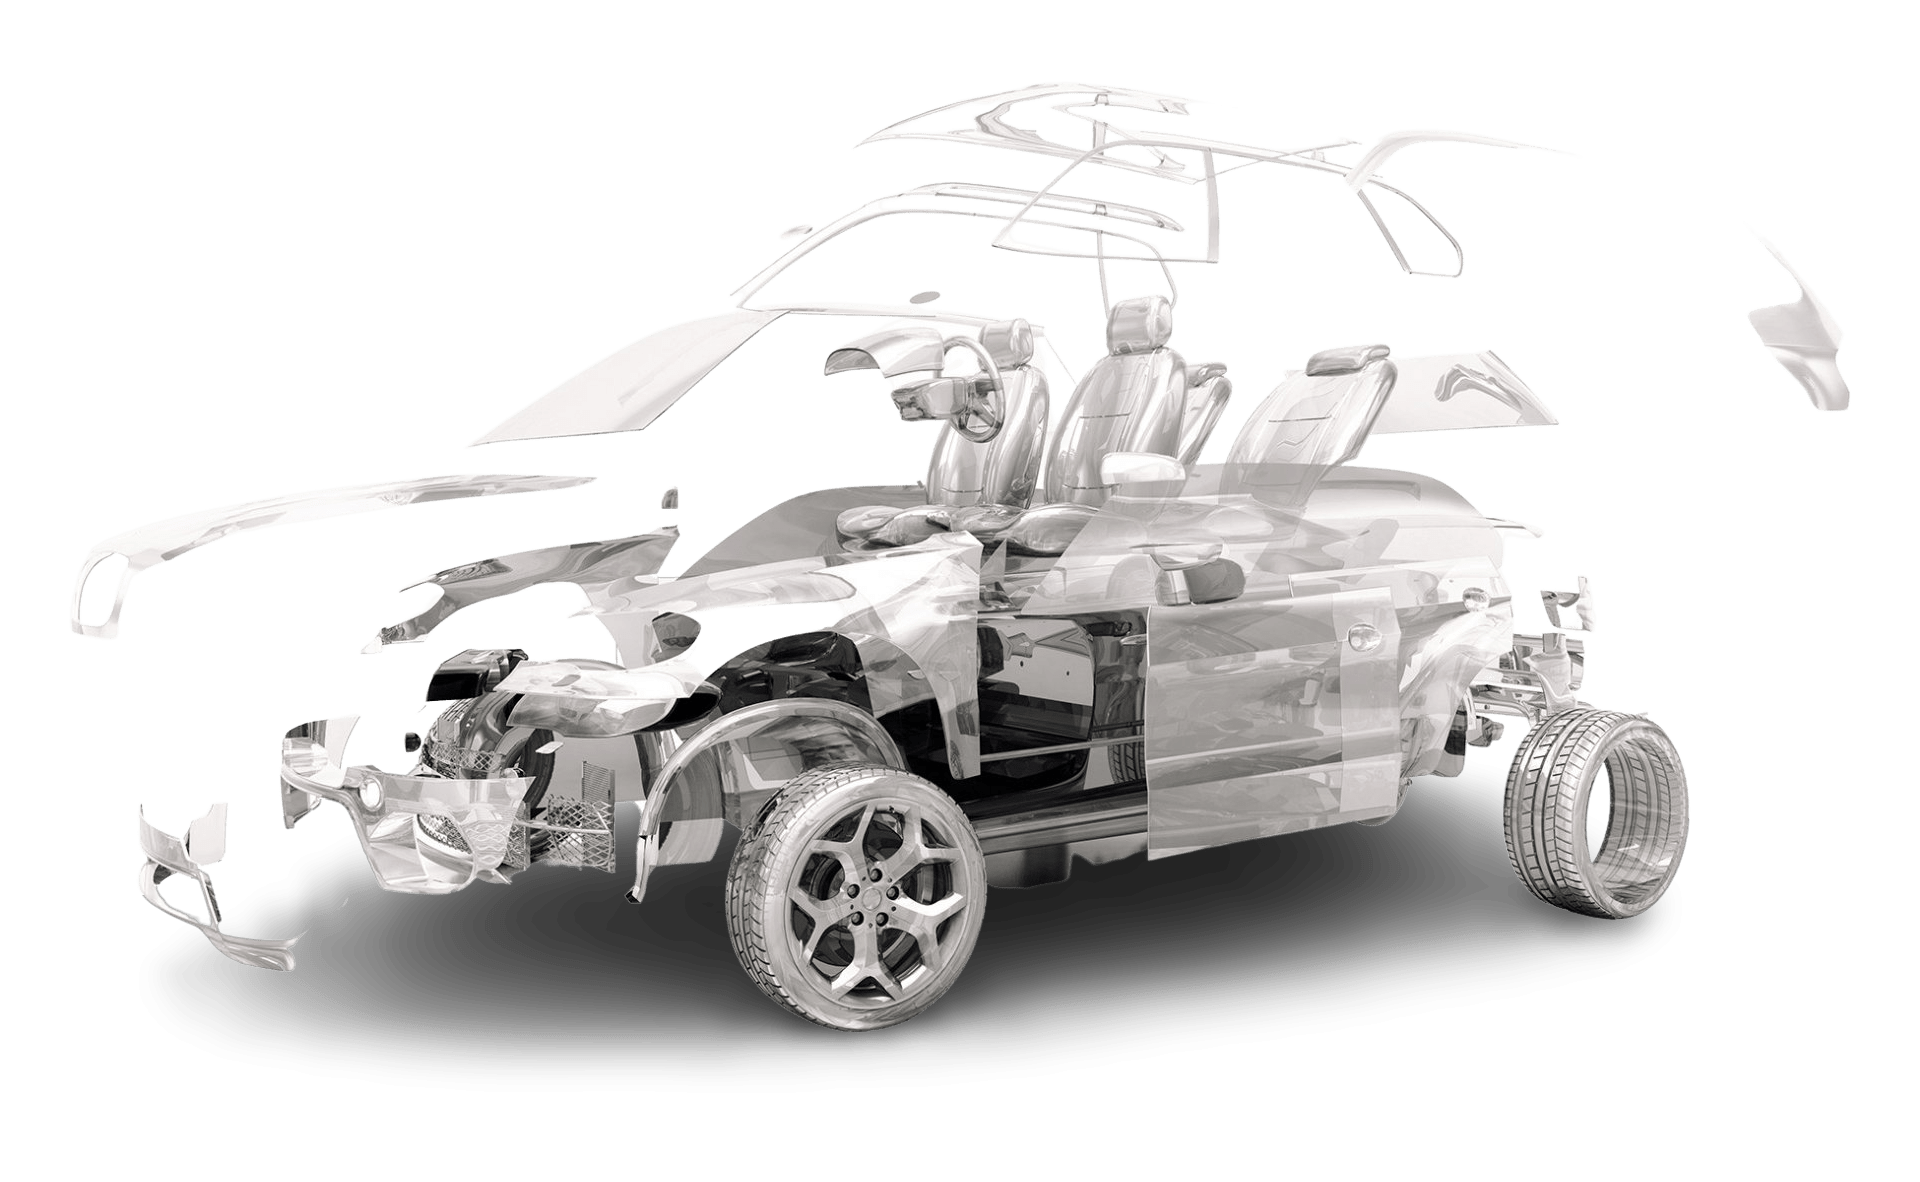 autohaus marketing auto   Autohaus Marketing   Autoactiva Werbeagentur